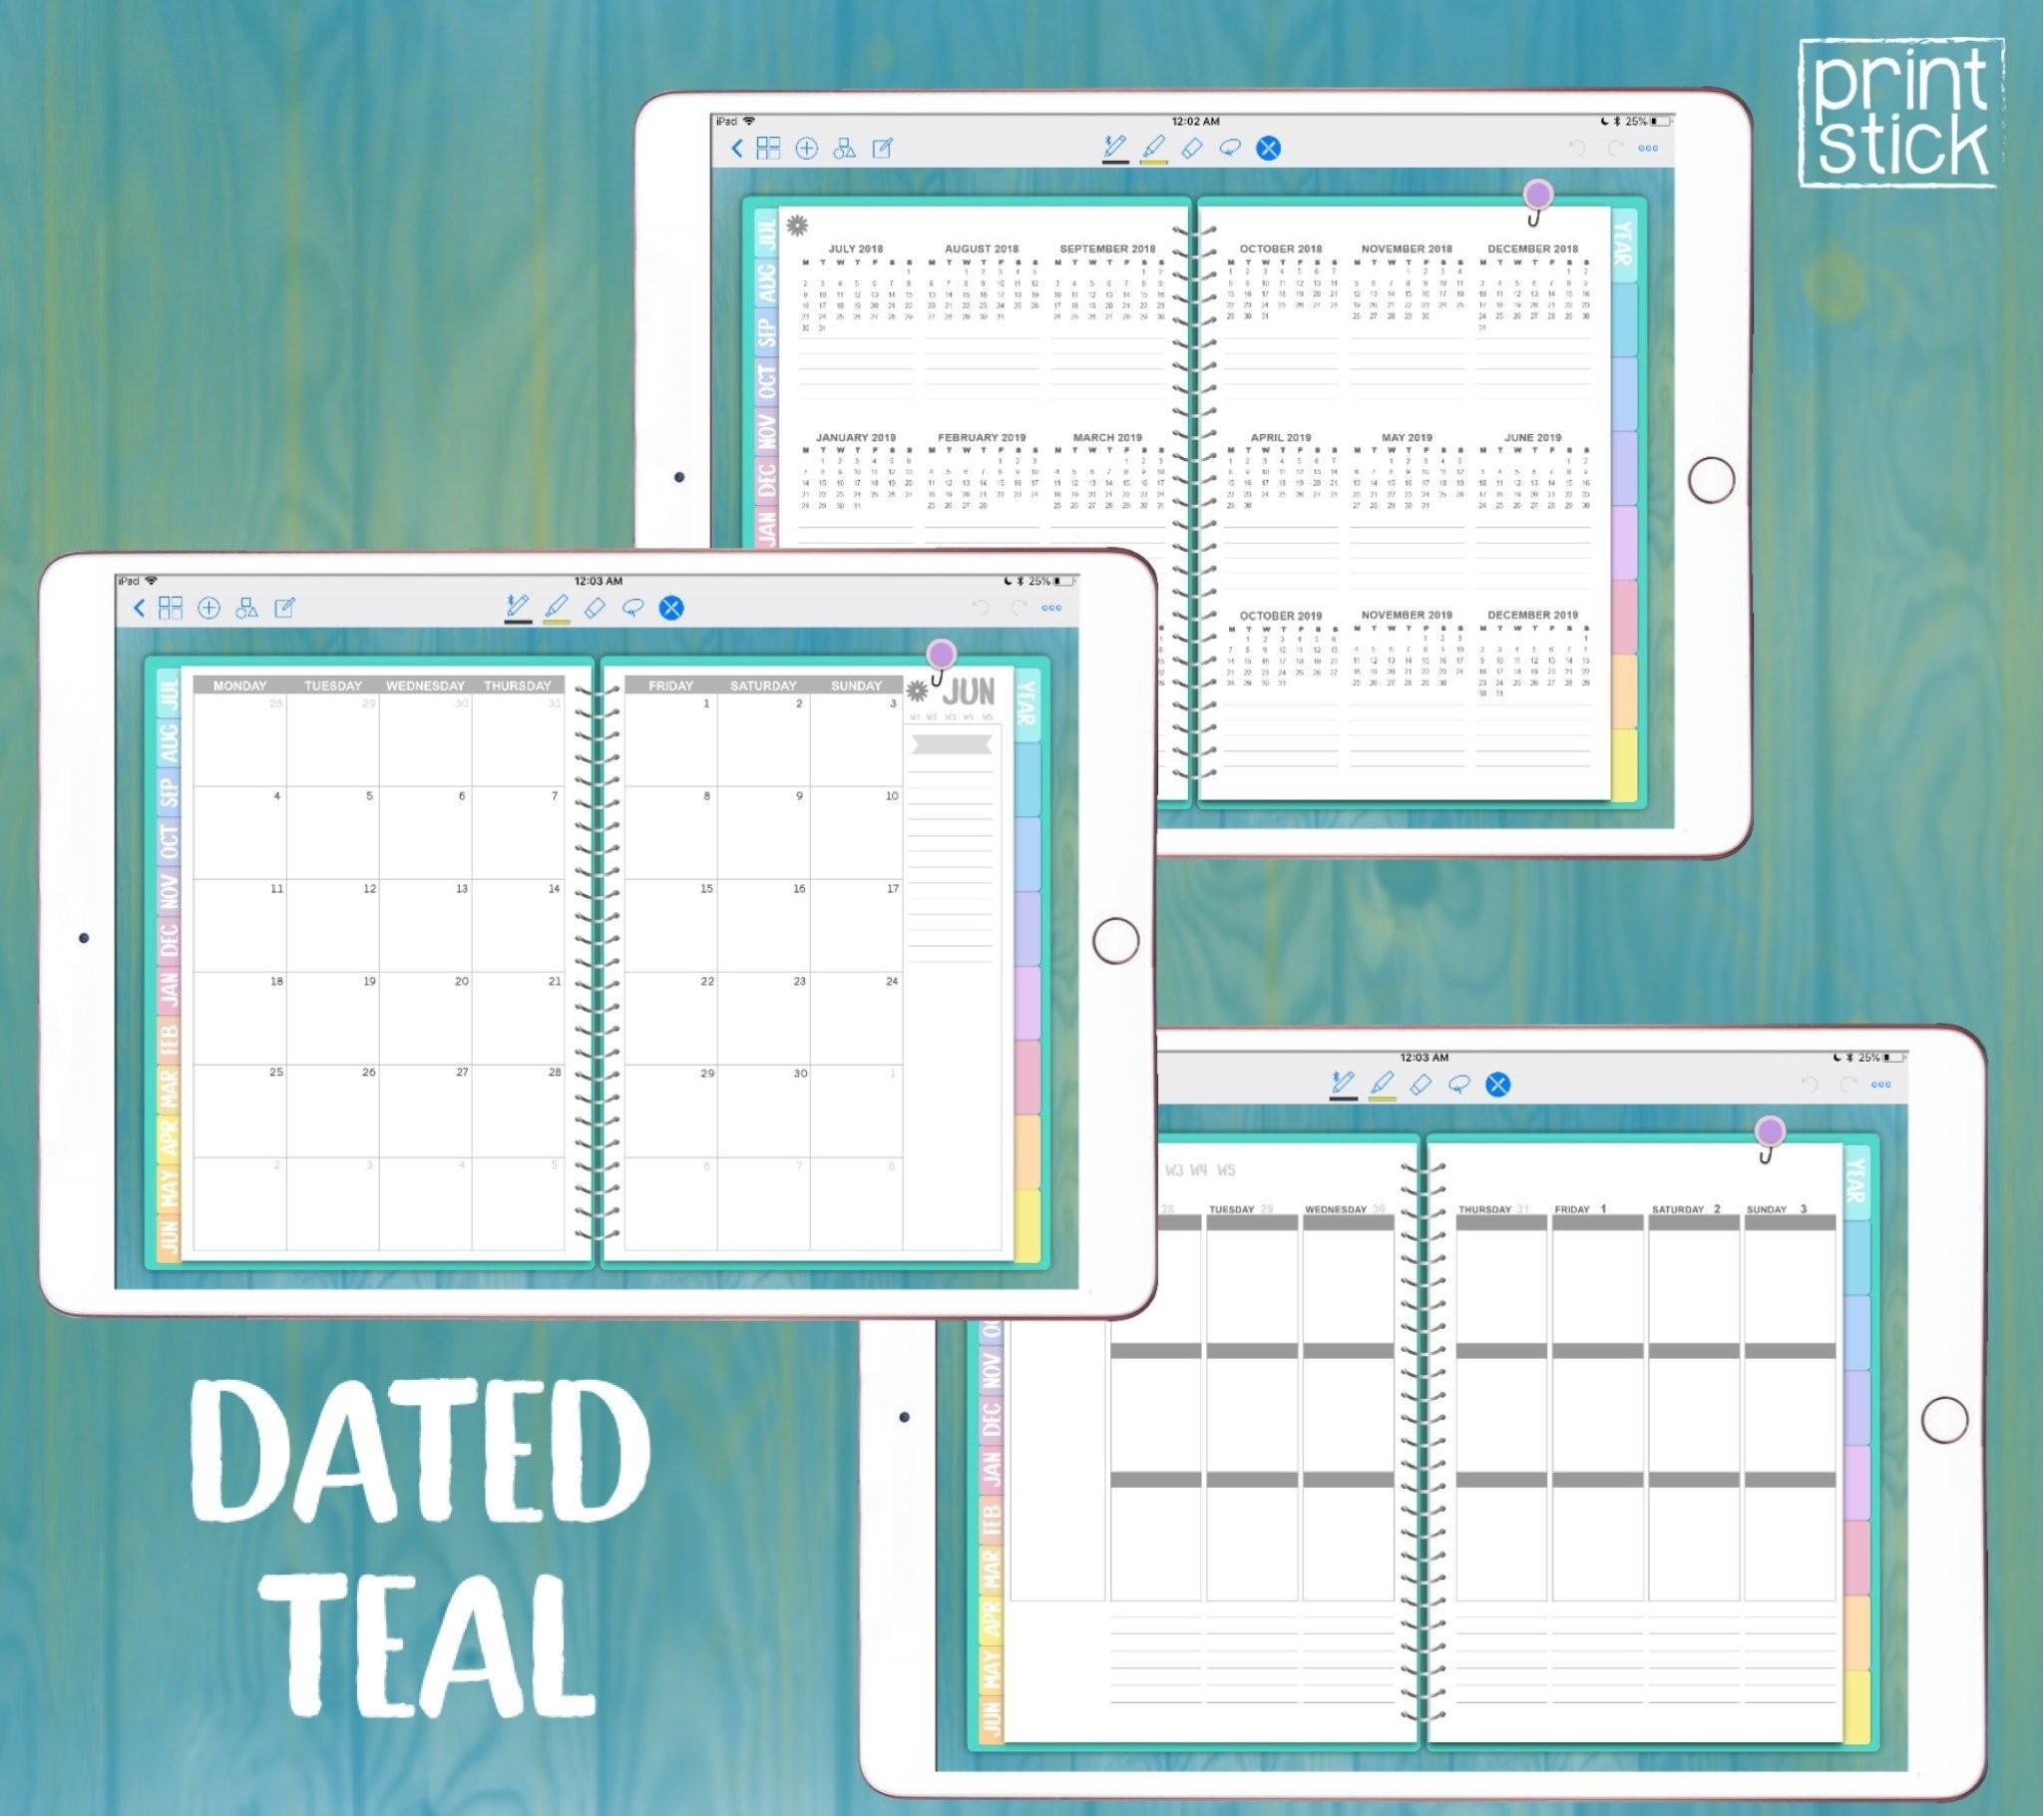 Calendario Con Semanas 2019 Para Imprimir.Es Decir Calendario Para Imprimir Con Semanas 2019